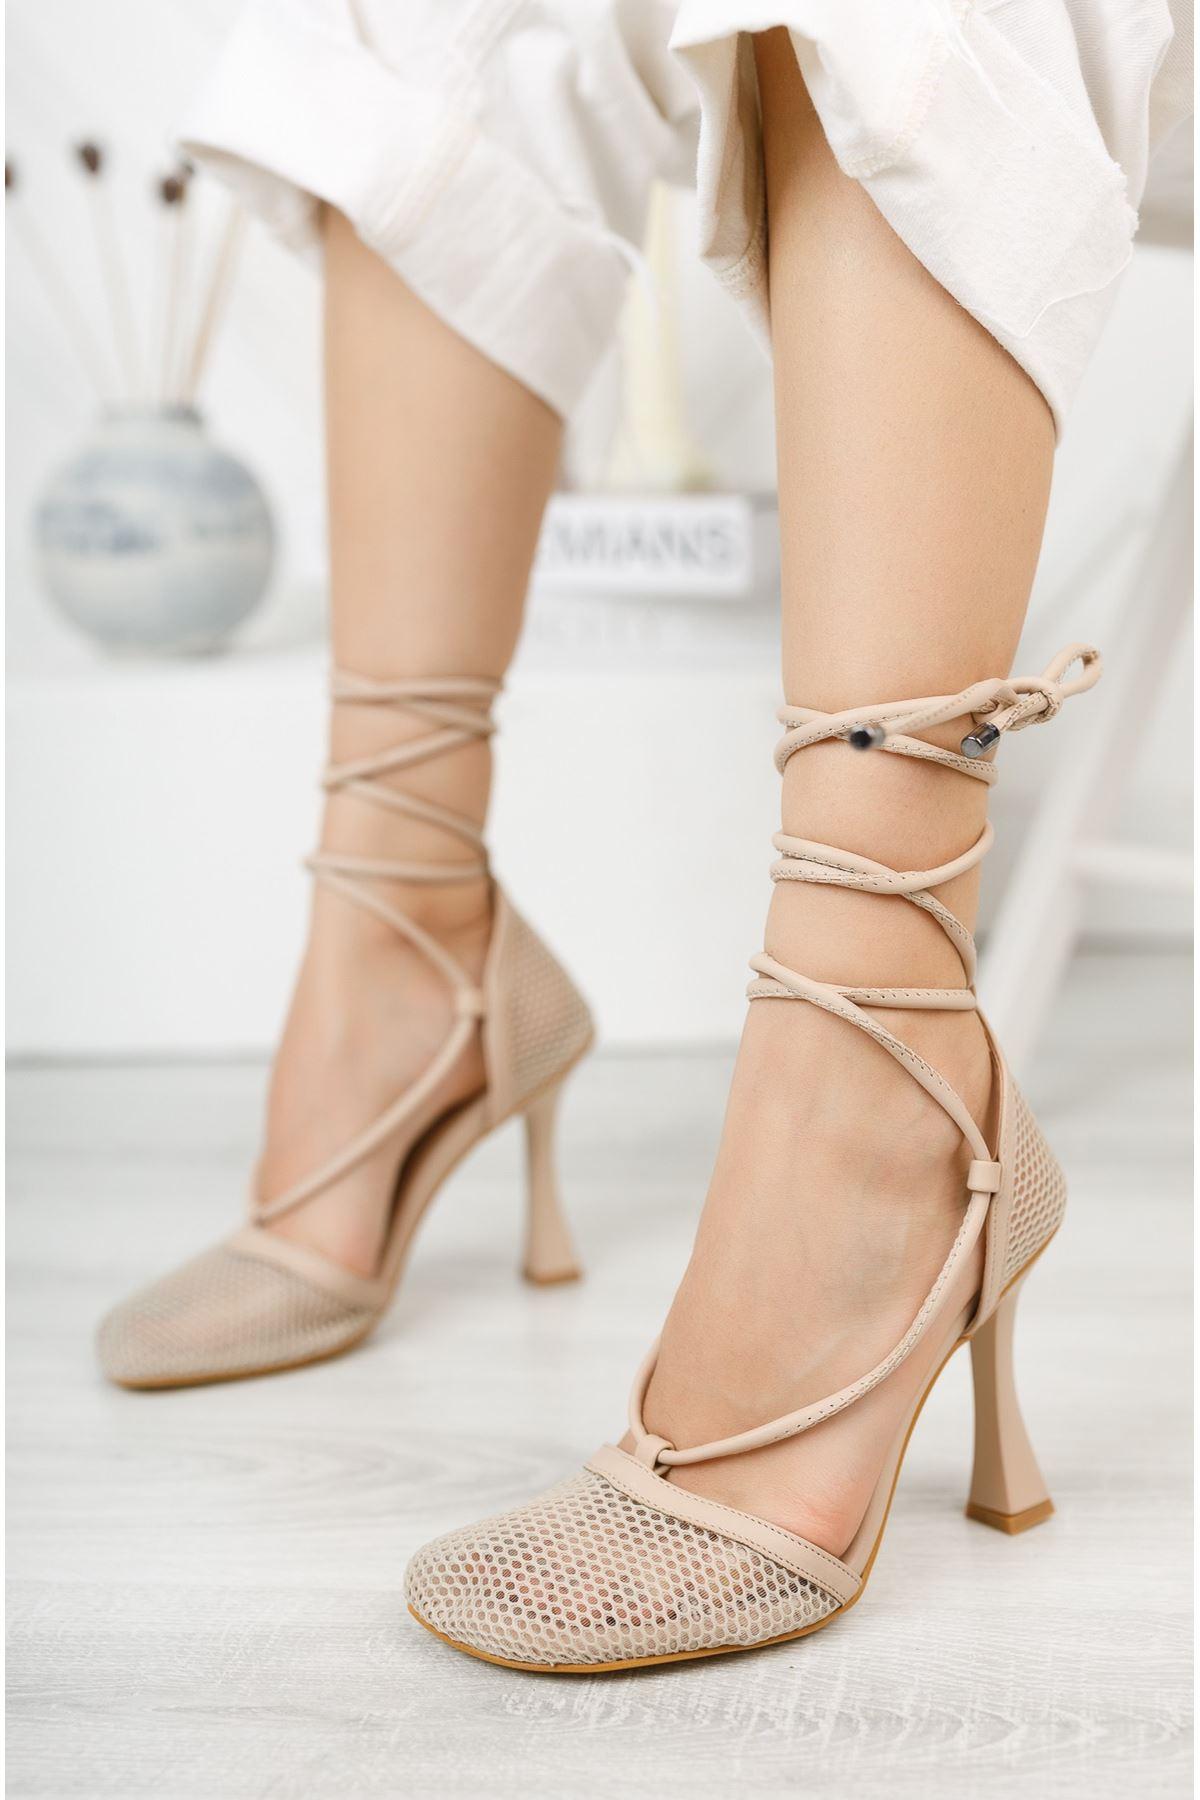 Nude Fileli Bilekten Bağlamalı Yüksek Topuklu Ayakkabı